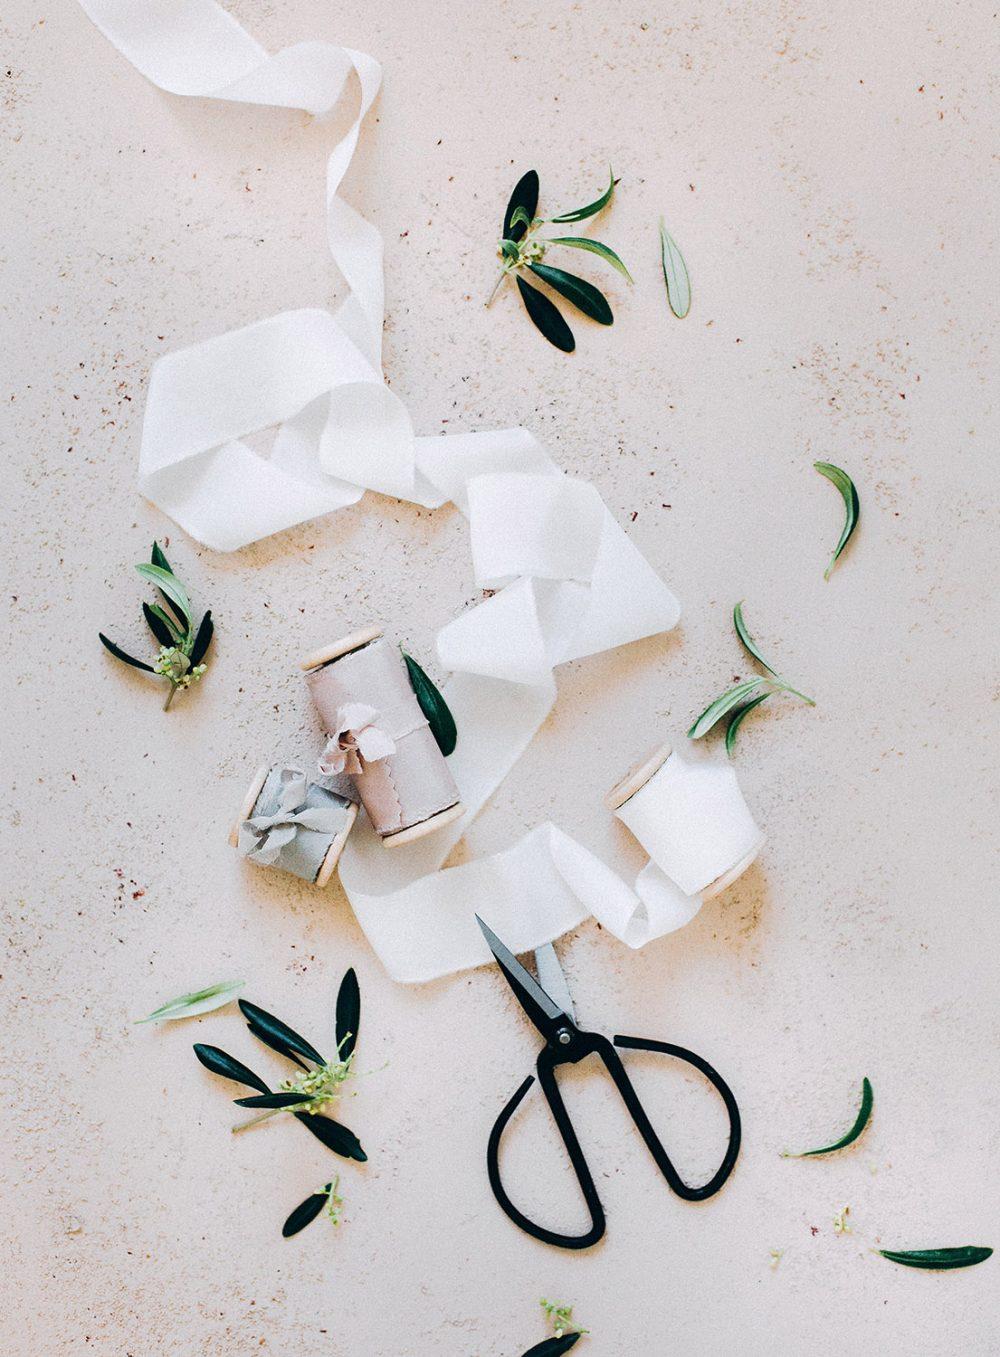 Fine Art Flatlay Wedding mat.kb Froufrou Chic Satin Band Ribbon Silk and Willow Switzerland Floral Designer Coffee Heiraten Schweiz Hochzeitsdekoration